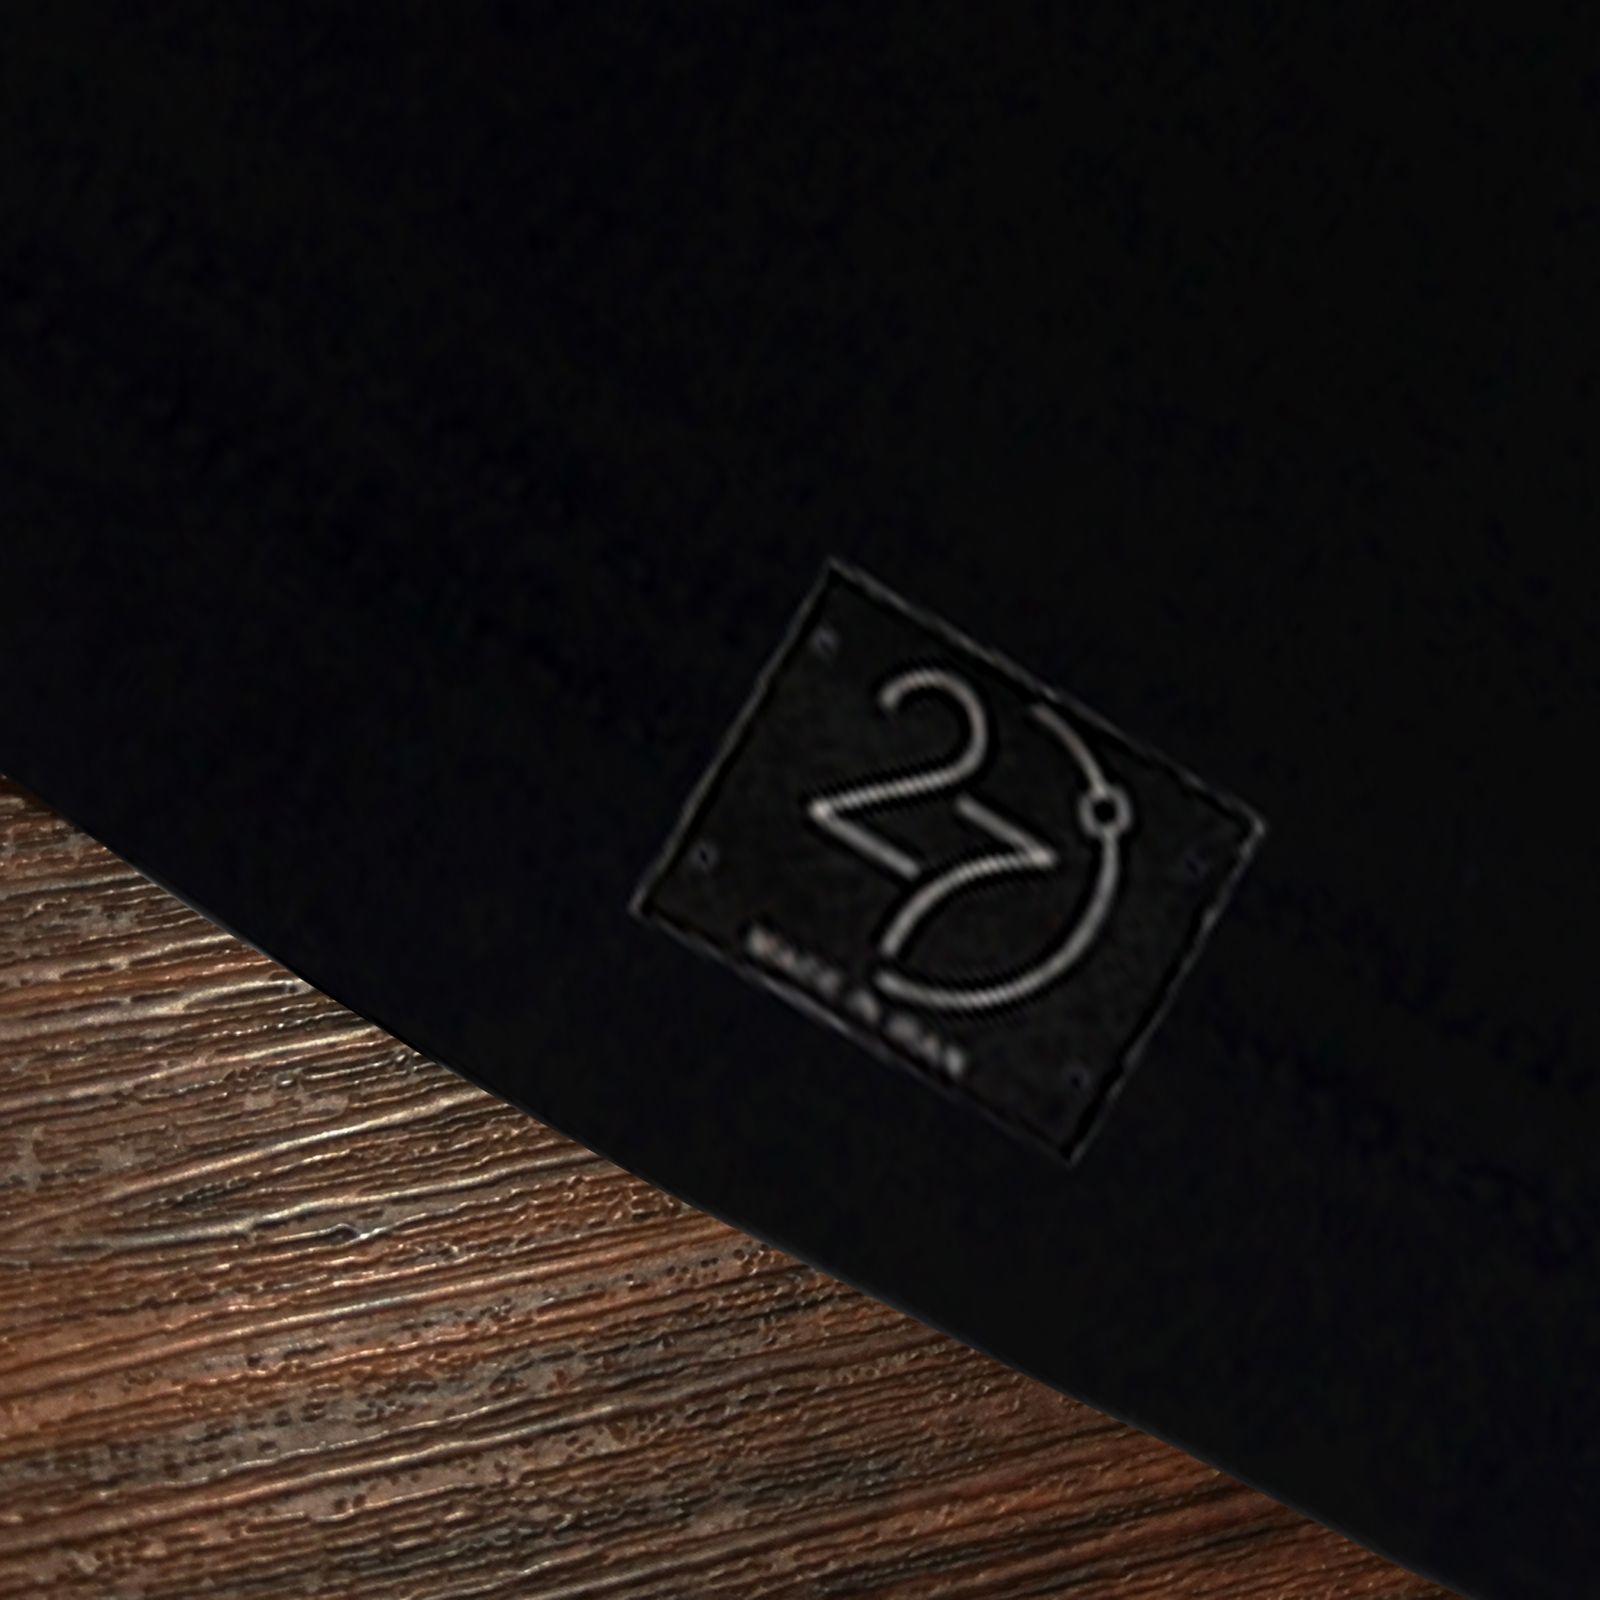 تی شرت آستین کوتاه مردانه 27 طرح XO کد TR08 رنگ مشکی -  - 3